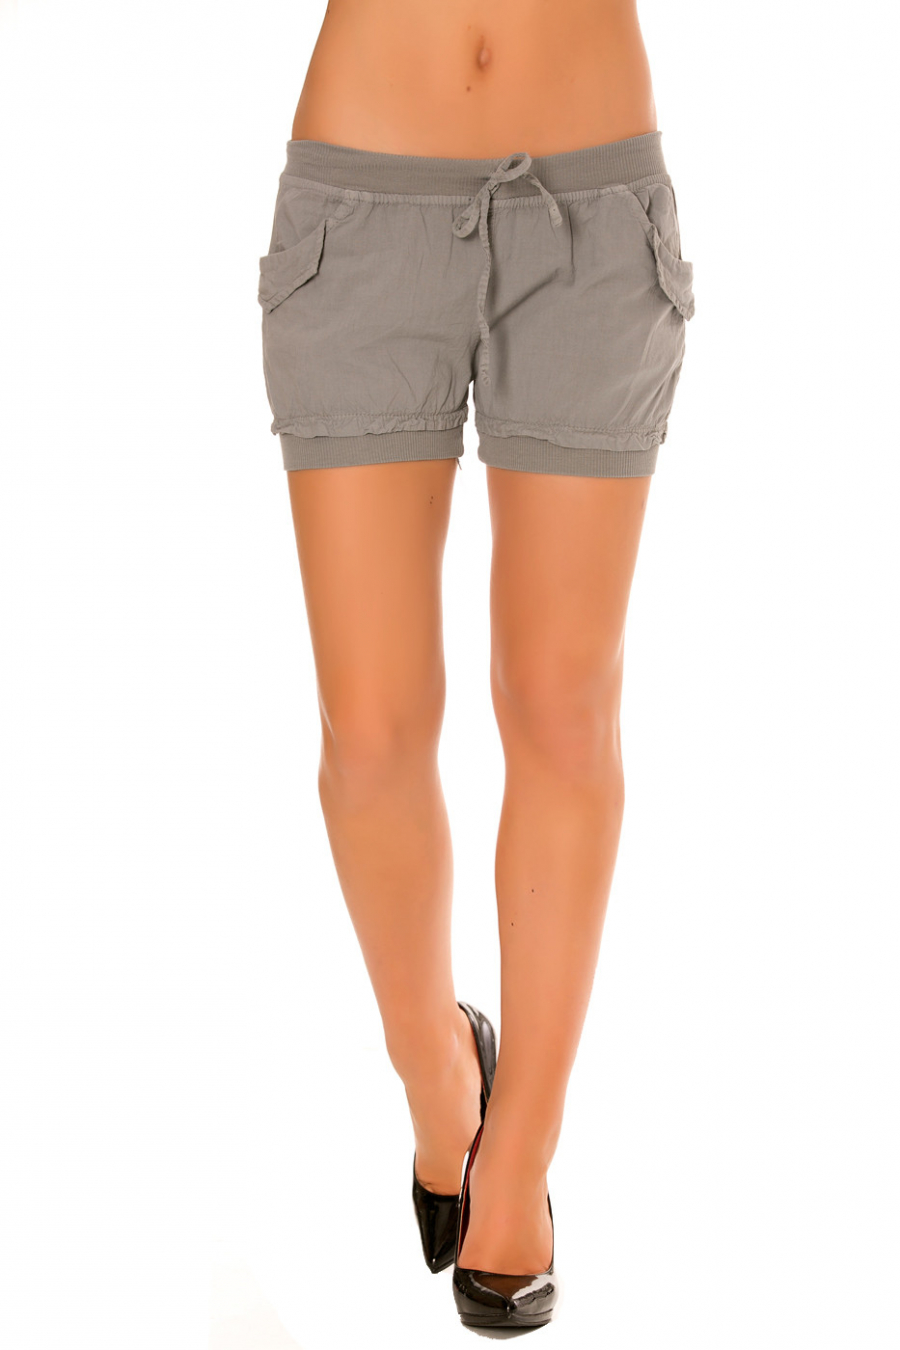 Grijze mini short met elastiek op de broekspijp en tailleband. Zak aan de zijkanten. M801